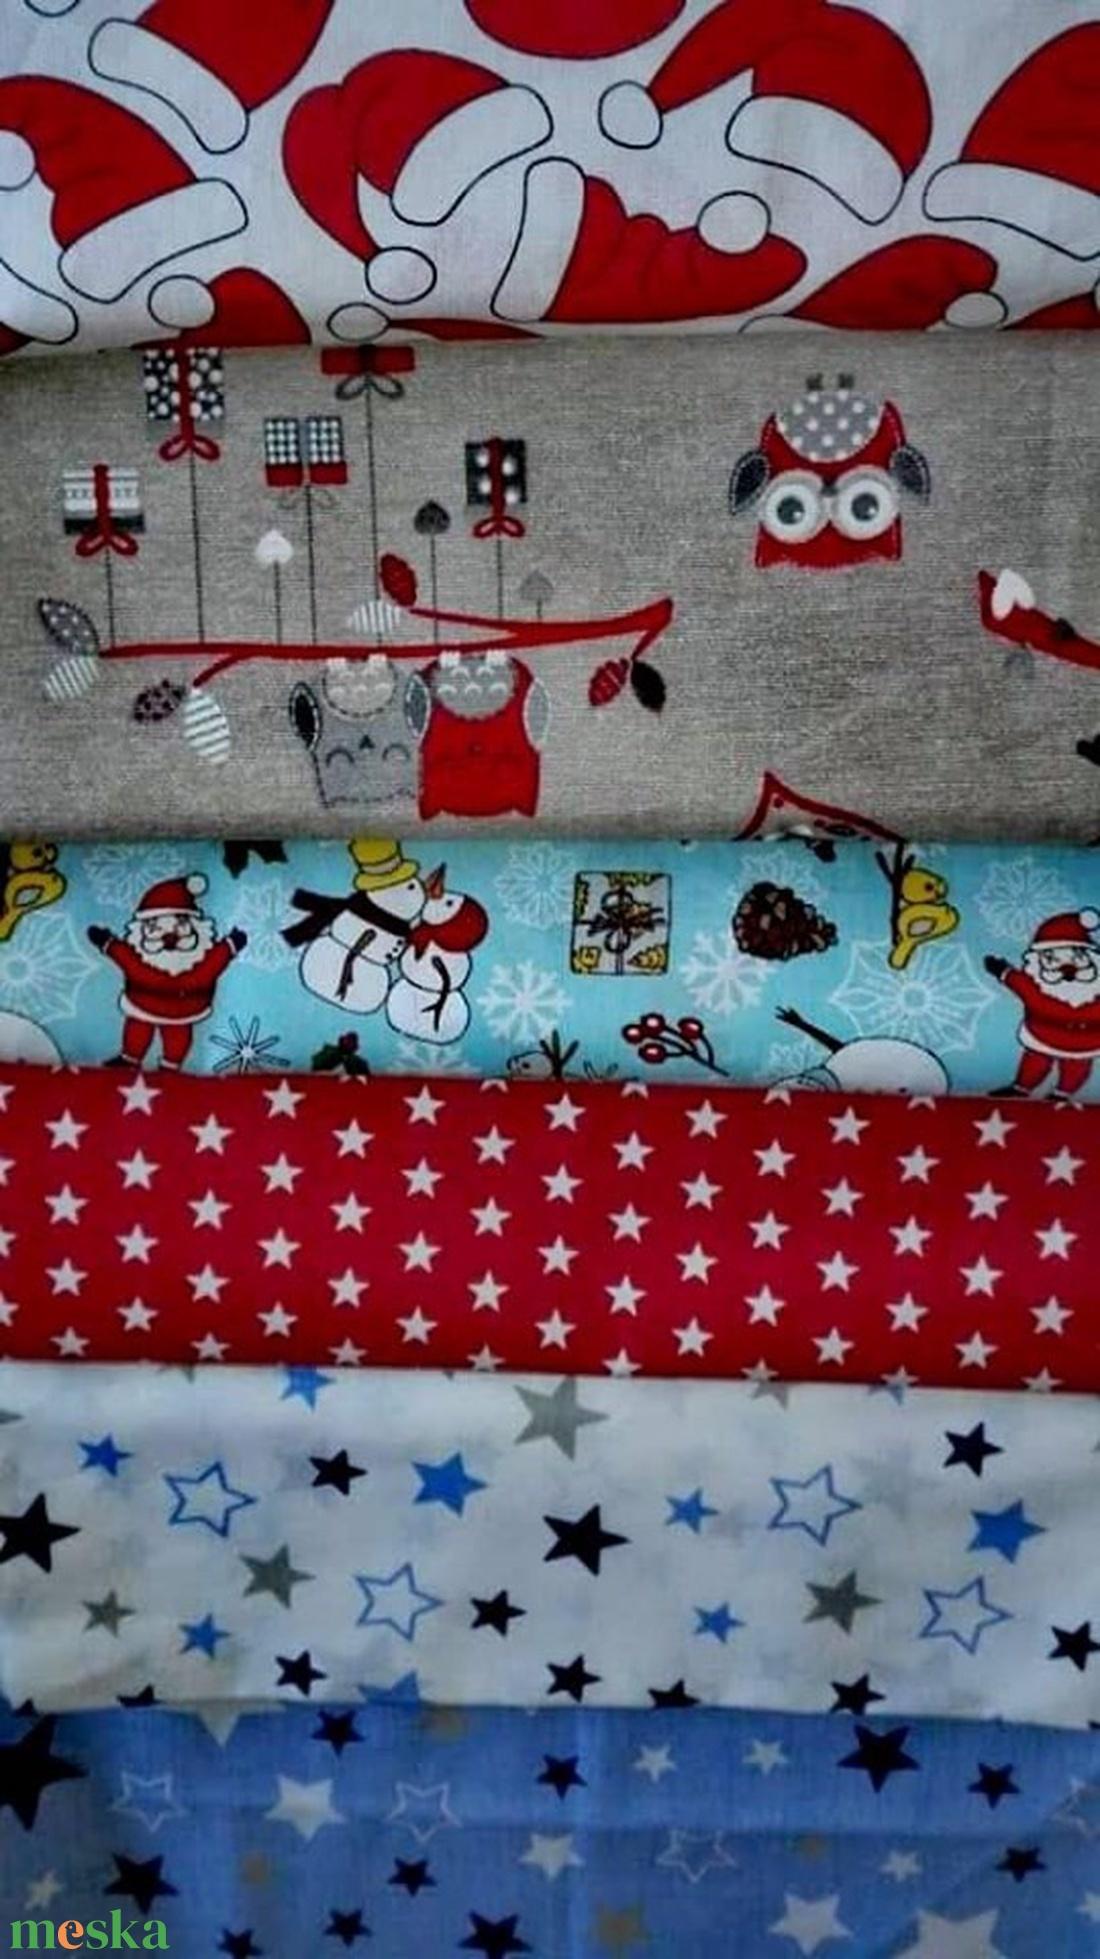 Mikuláscsizma - karácsony - mikulás - mikulás zsák, zokni, csizma - Meska.hu